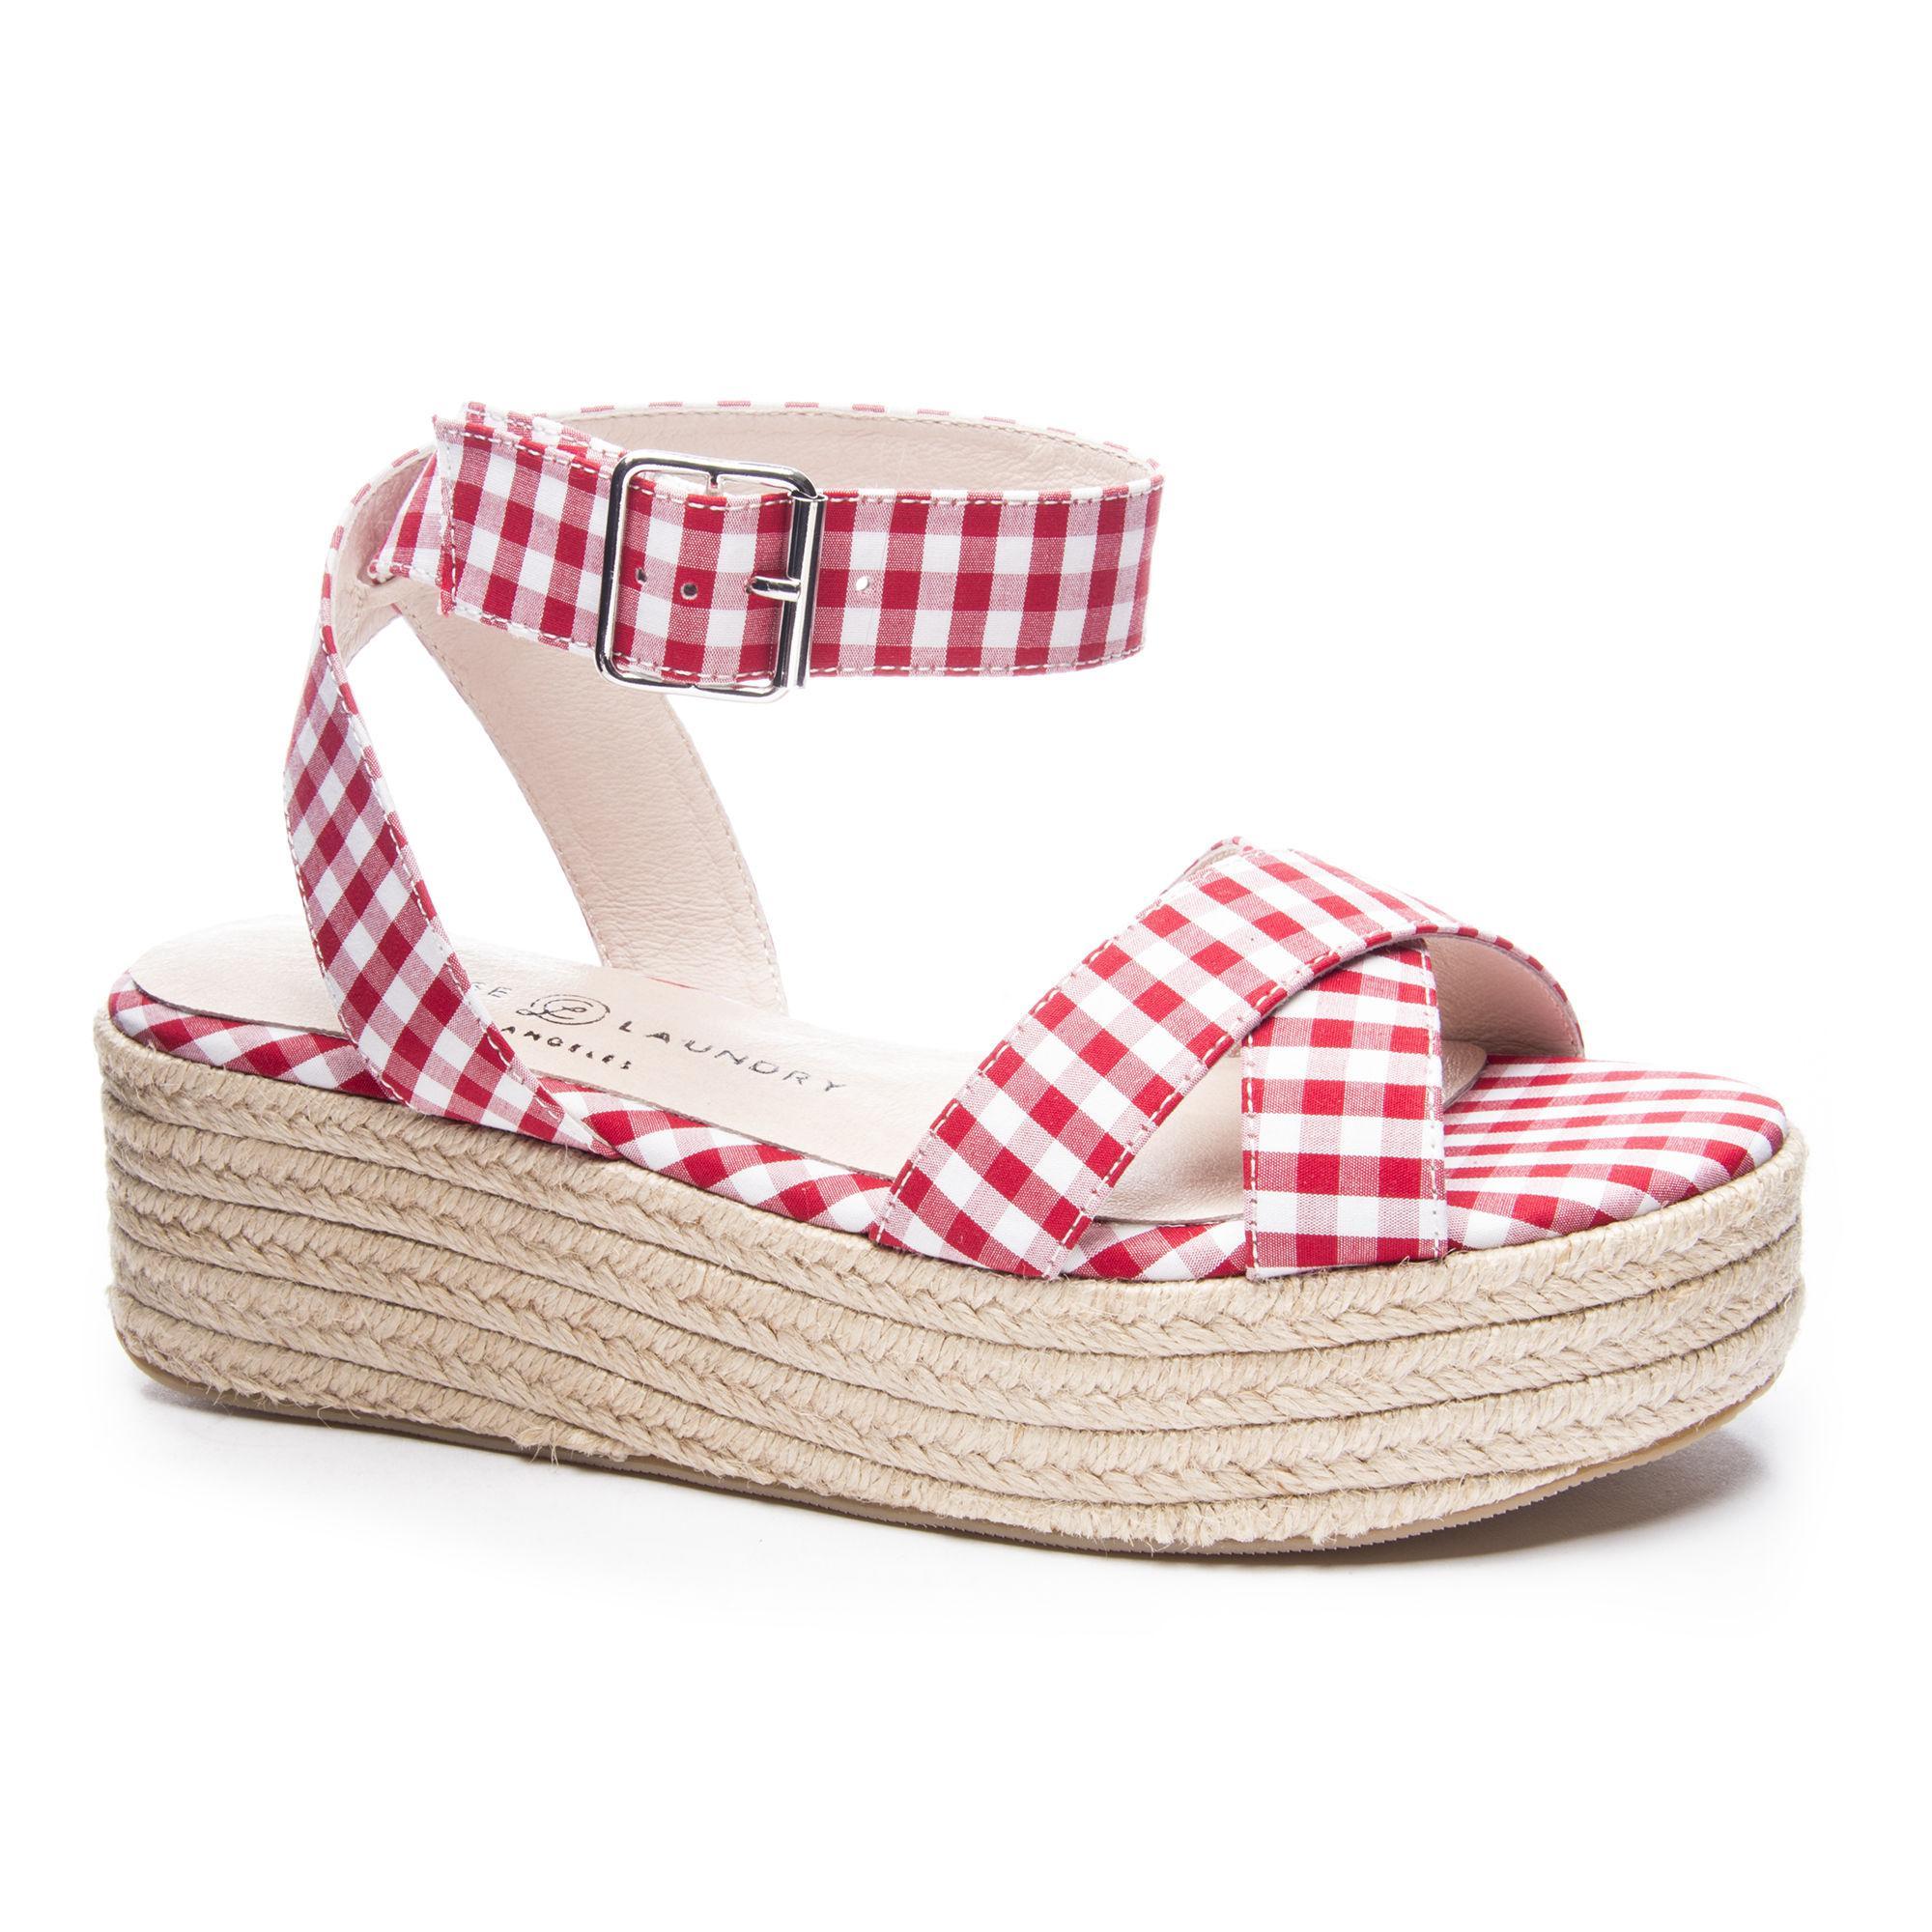 Chinese Laundry Zala Platform Sandal (Women's) PVuy7